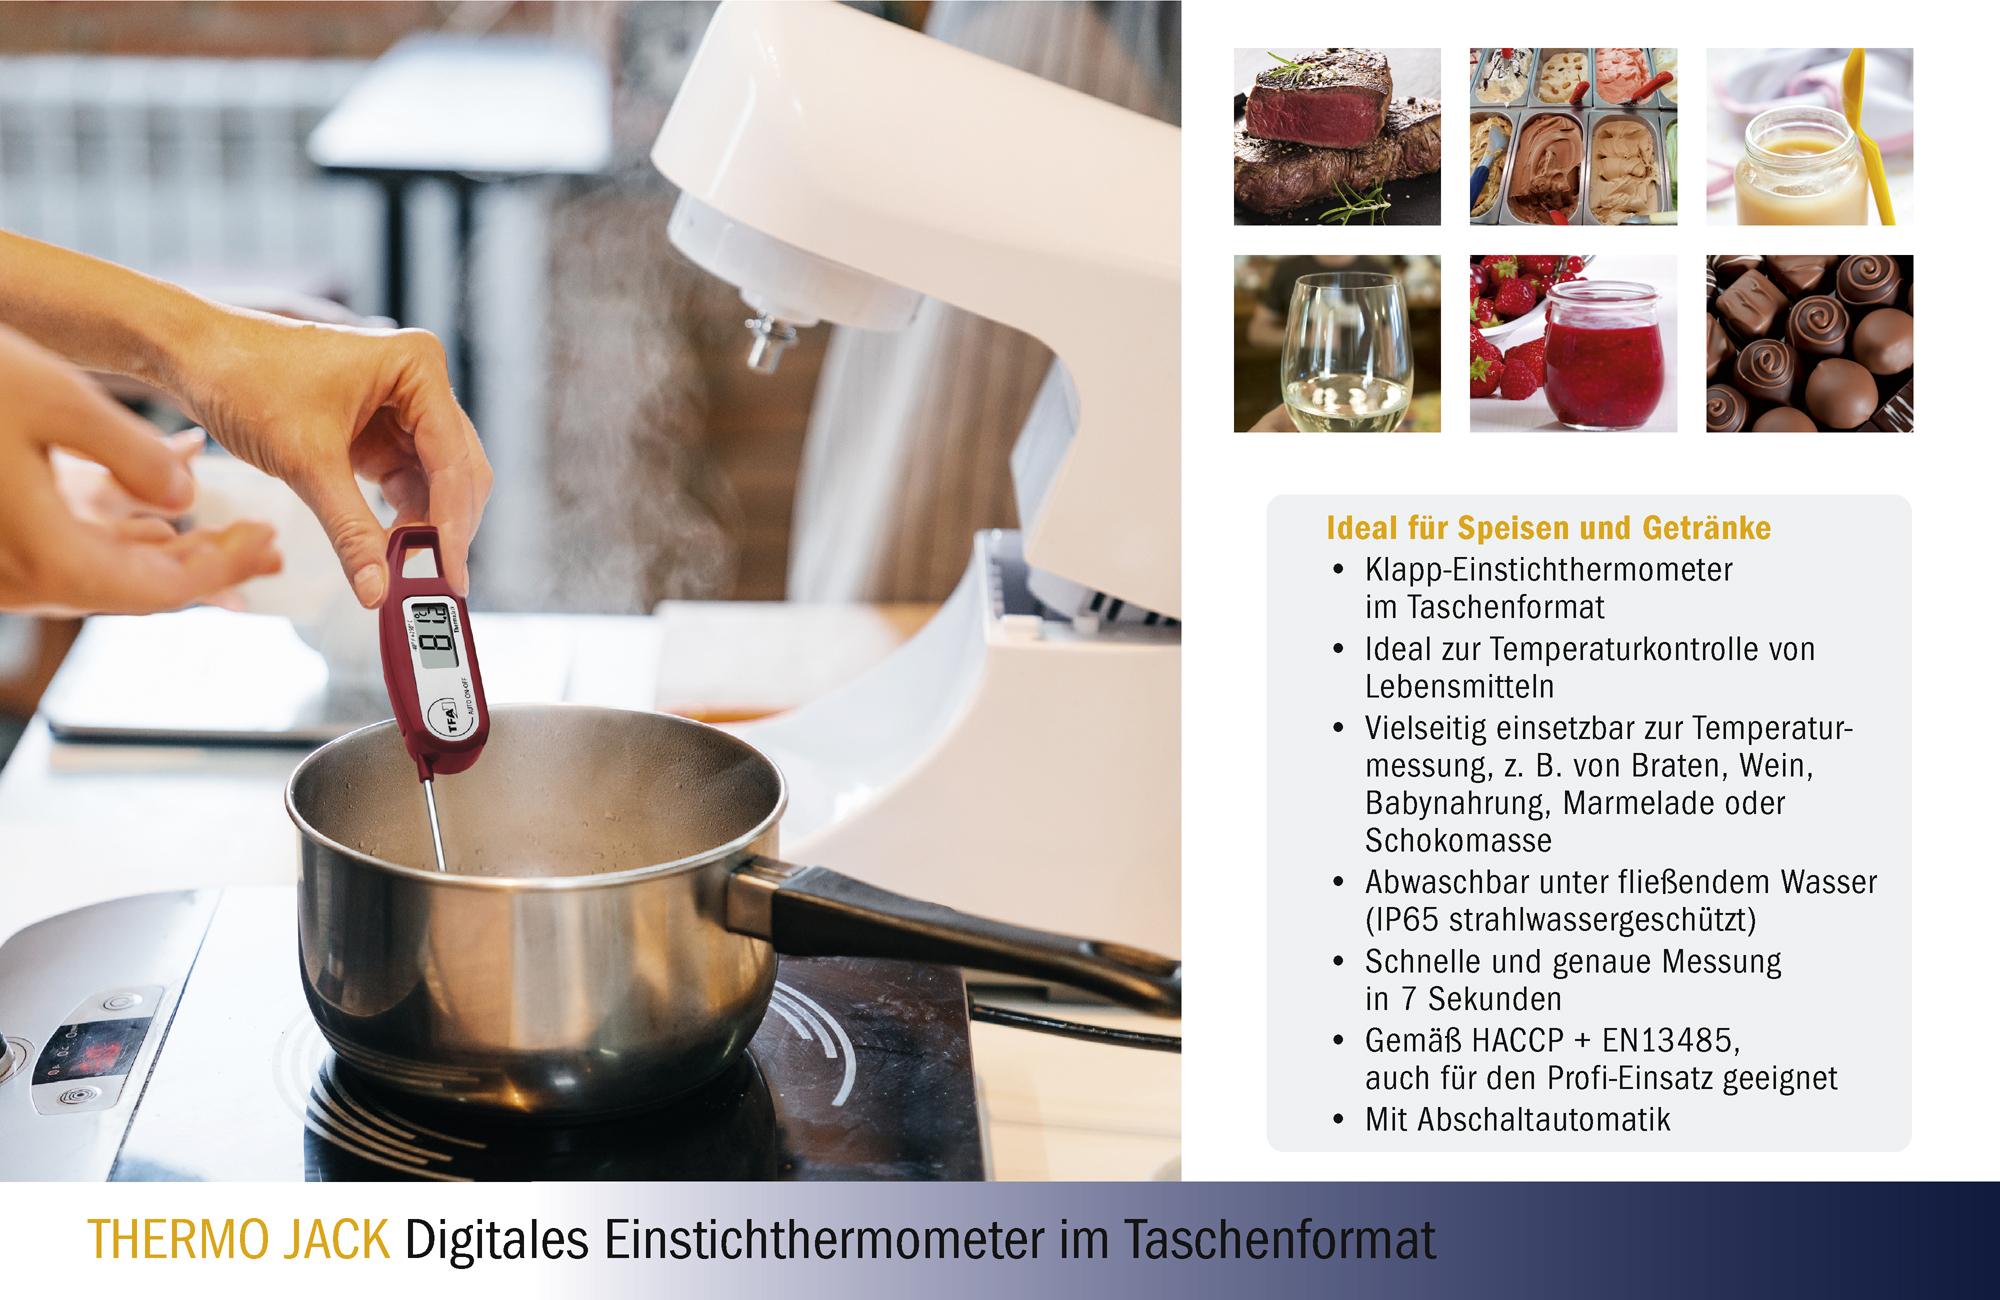 ThermoJack_Einstichthermometer_Grillen_Braten_rot_30104705_Vorteile.jpg